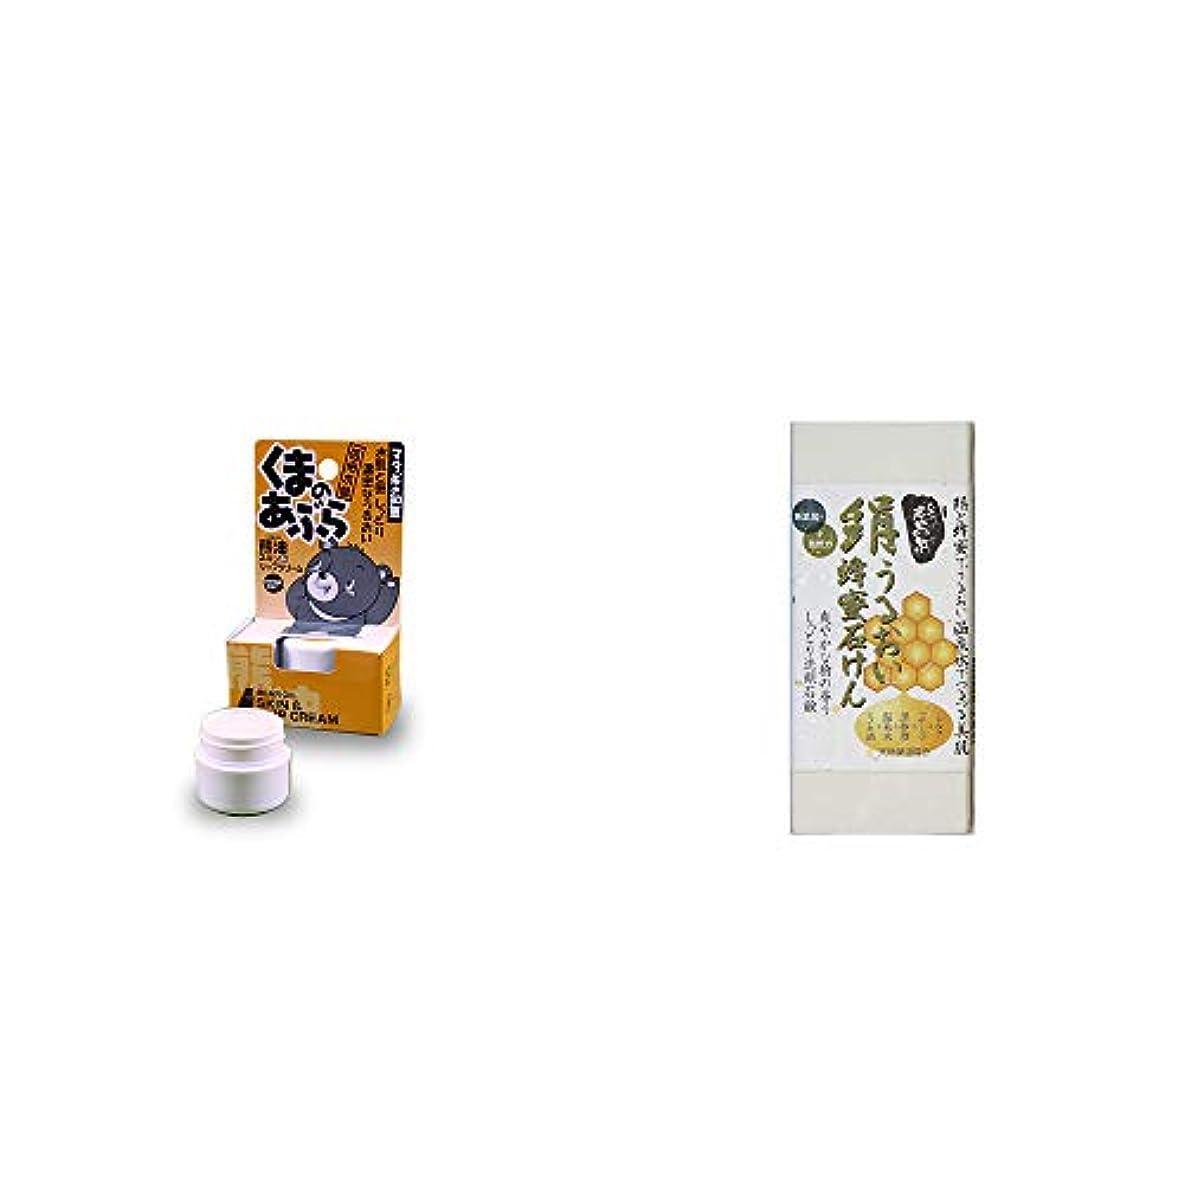 関係ない細い住人[2点セット] 信州木曽 くまのあぶら 熊油スキン&リップクリーム(9g)?ひのき炭黒泉 絹うるおい蜂蜜石けん(75g×2)